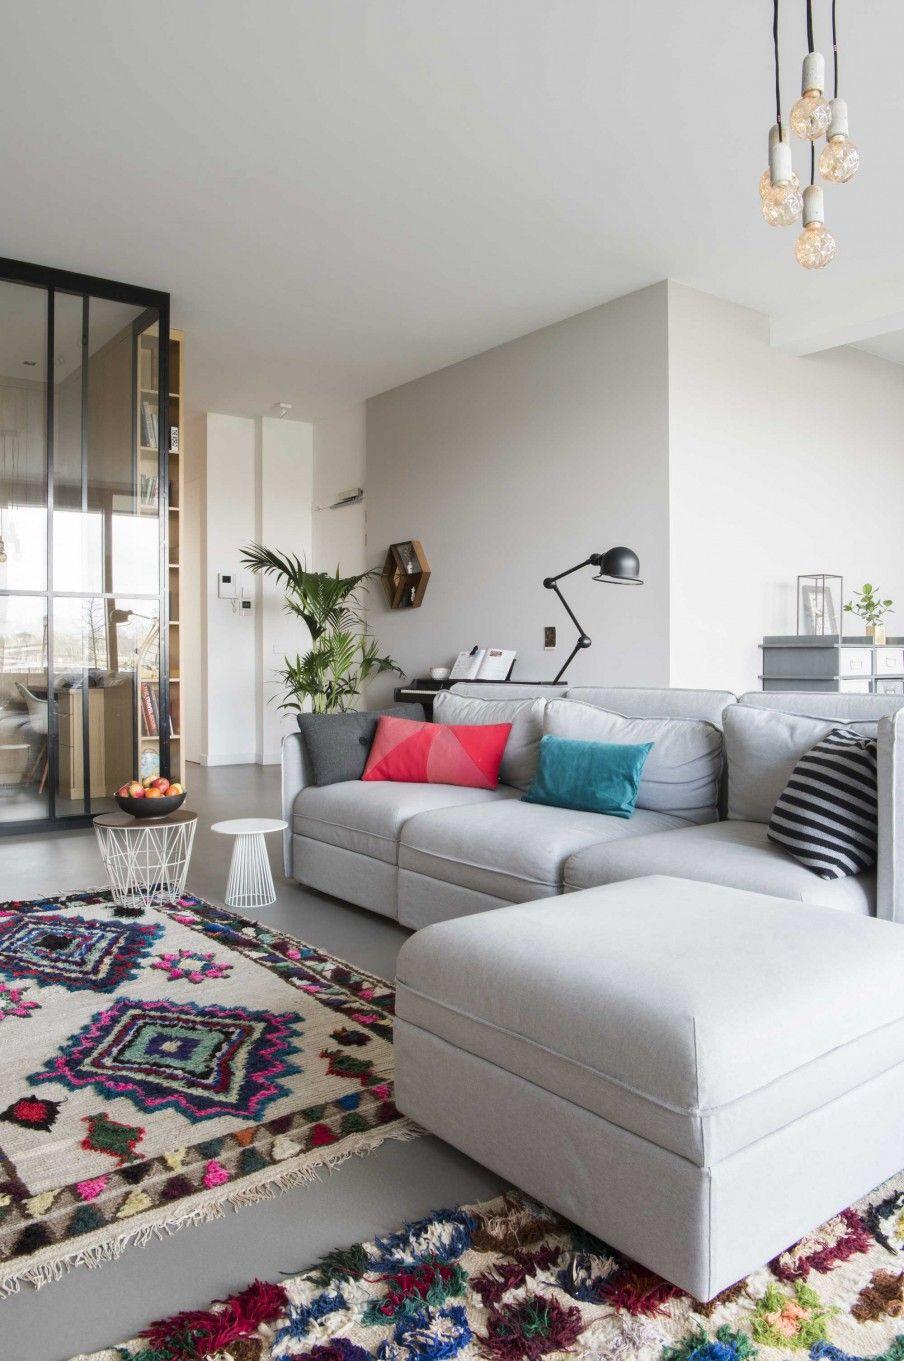 Woonkamer met grijze bank en kleurrijk vloerkleed | Living room with ...